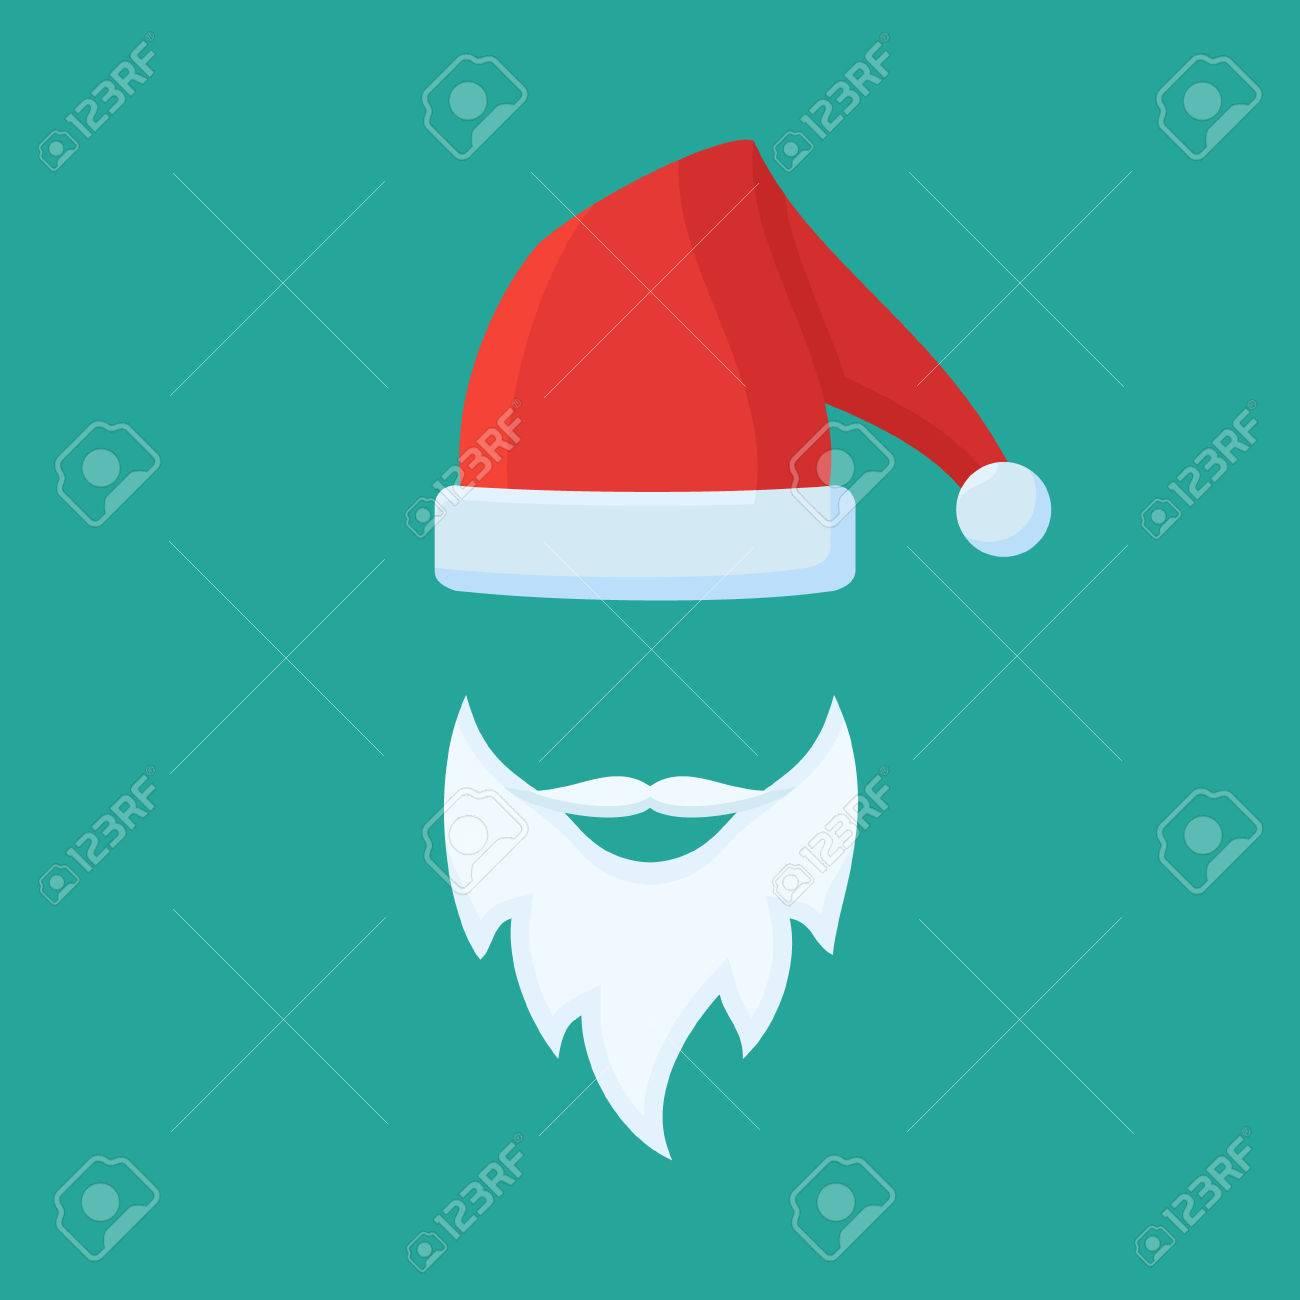 433c11f483d0e Foto de archivo - Sombrero de Santa Claus y la barba. ilustración vectorial  de estilo plano.